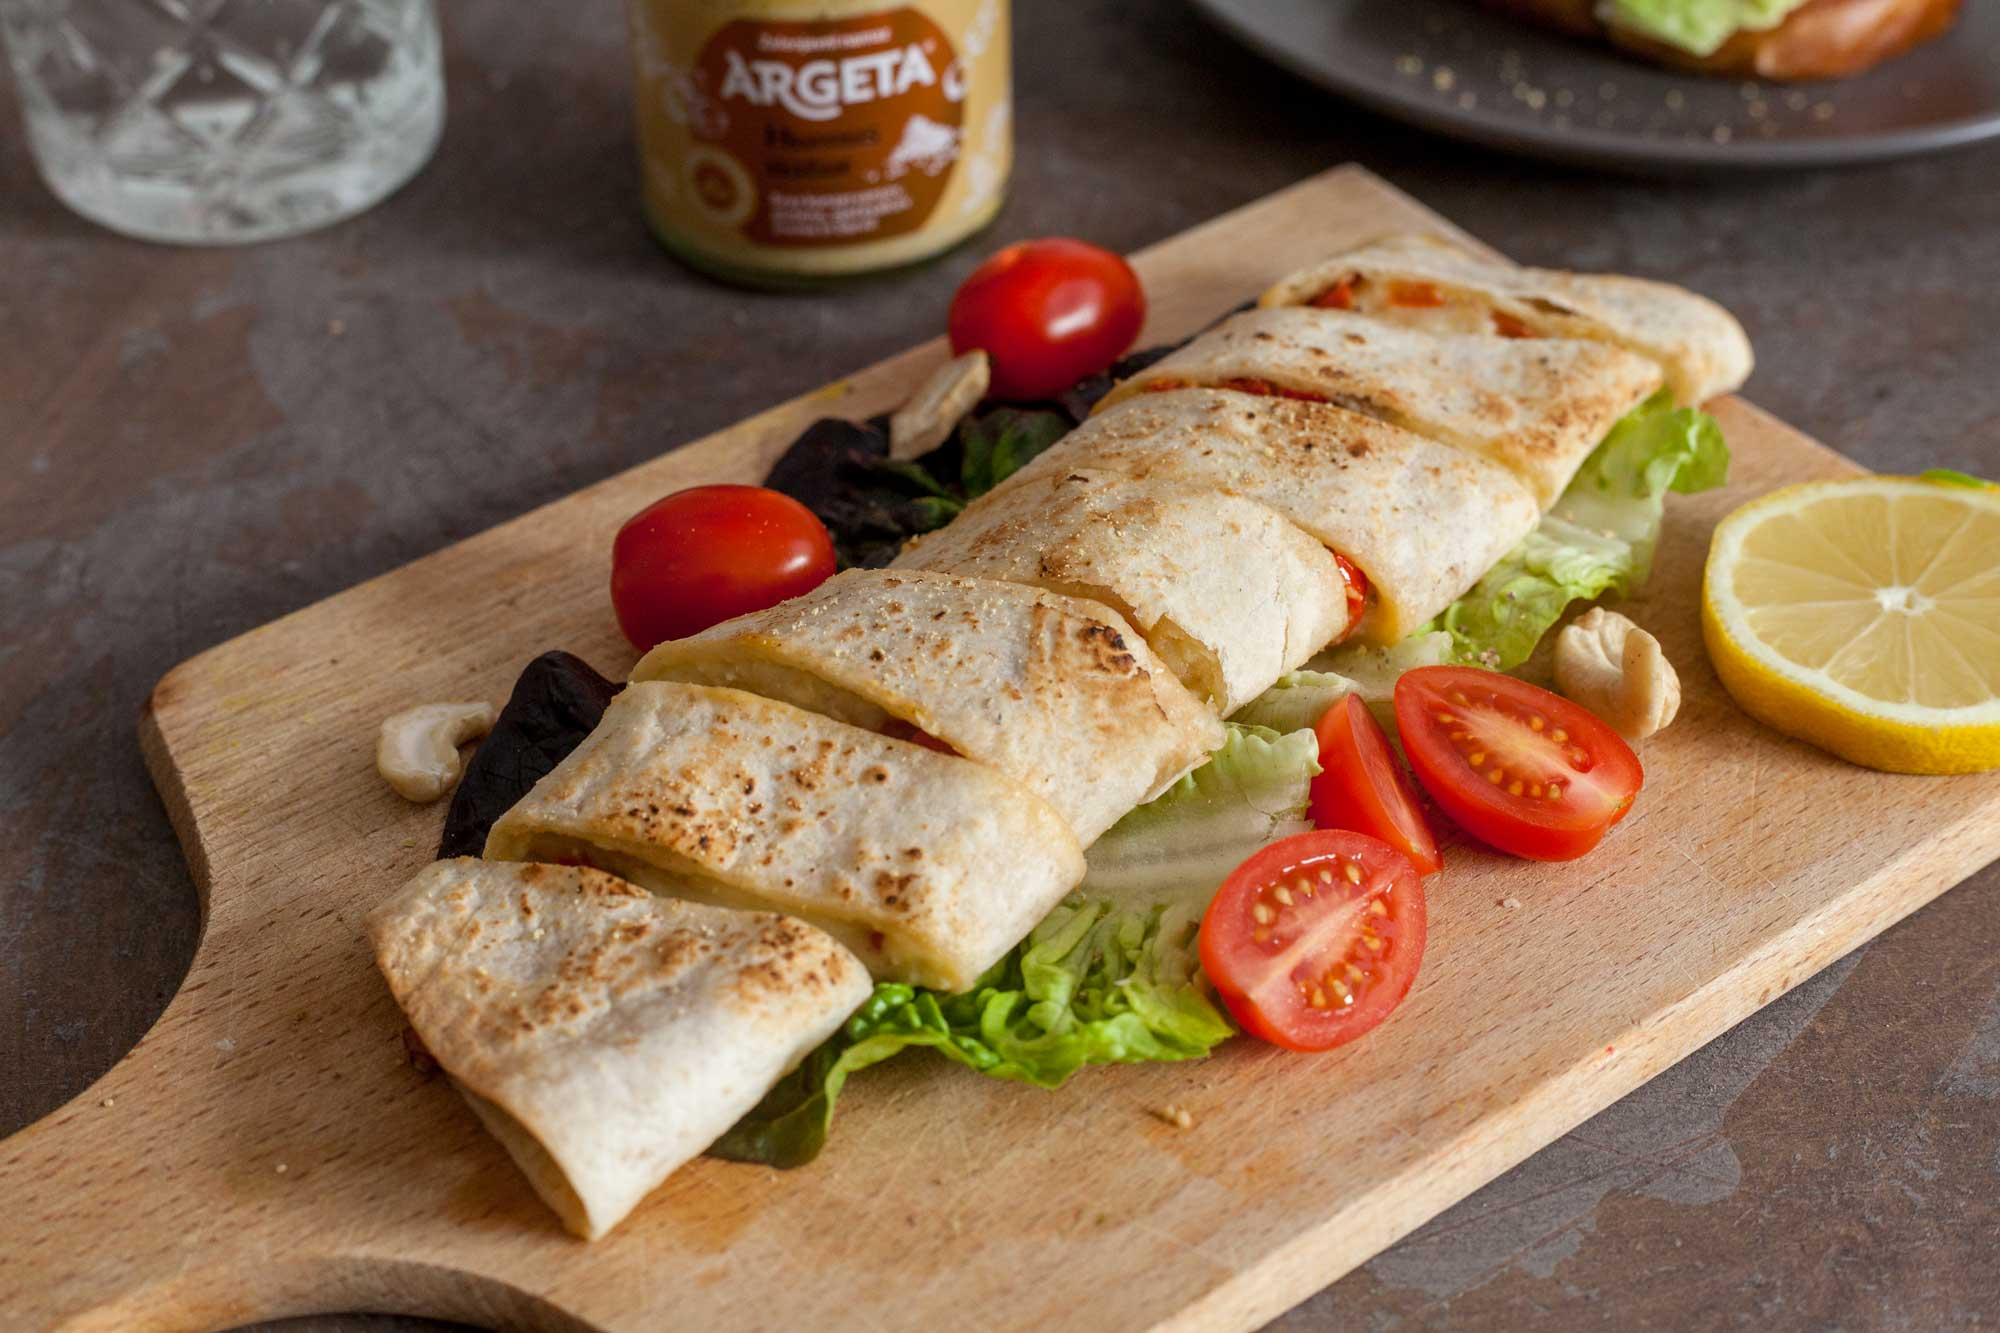 tortilja s humusom in rdečo papriko